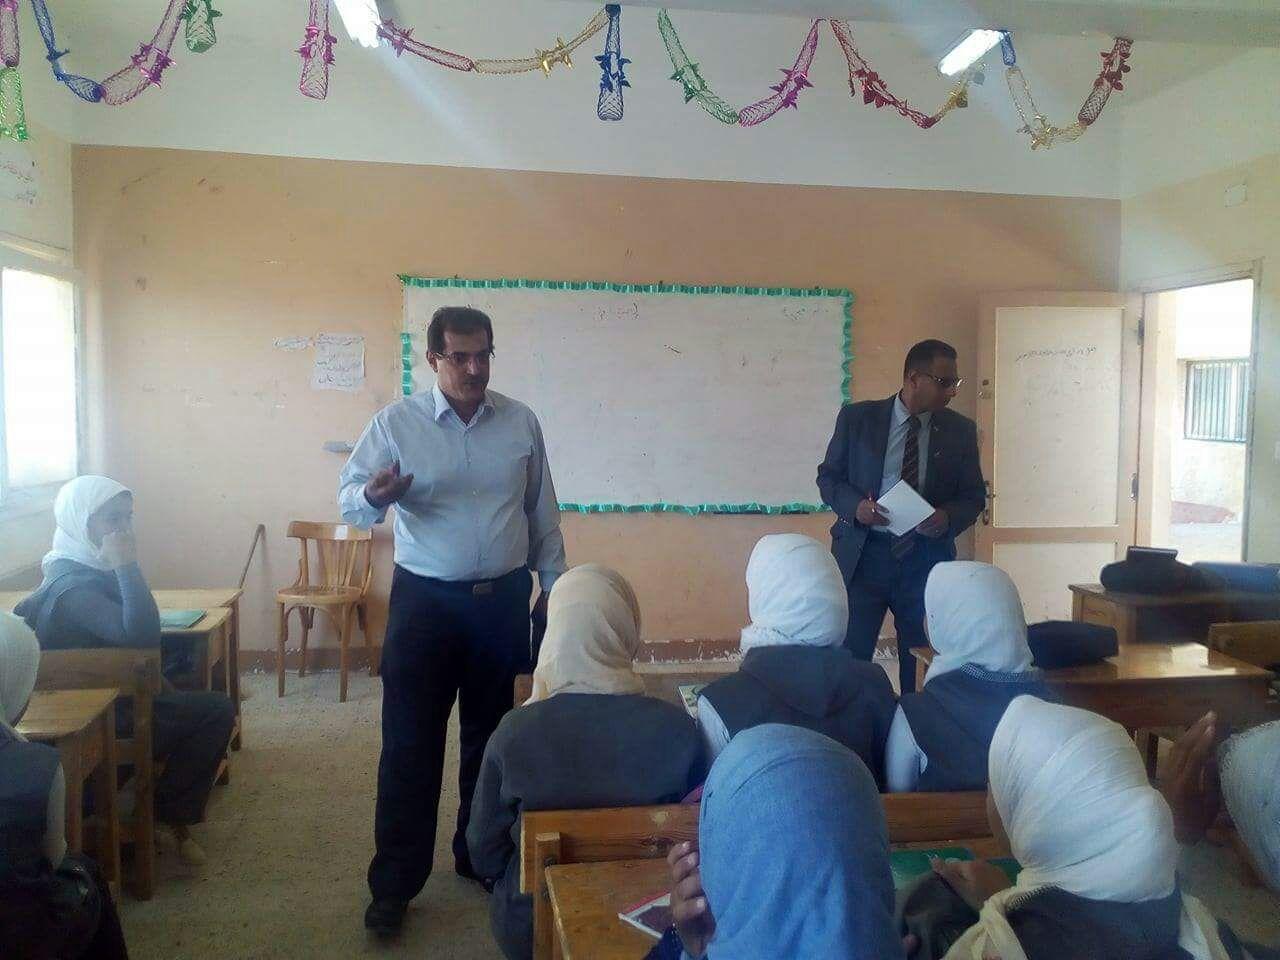 قوافل التعليم  للمتابعة الجماعية للتعليم الأساسى تواصل تفقد المدارس بمحافظة الشرقية